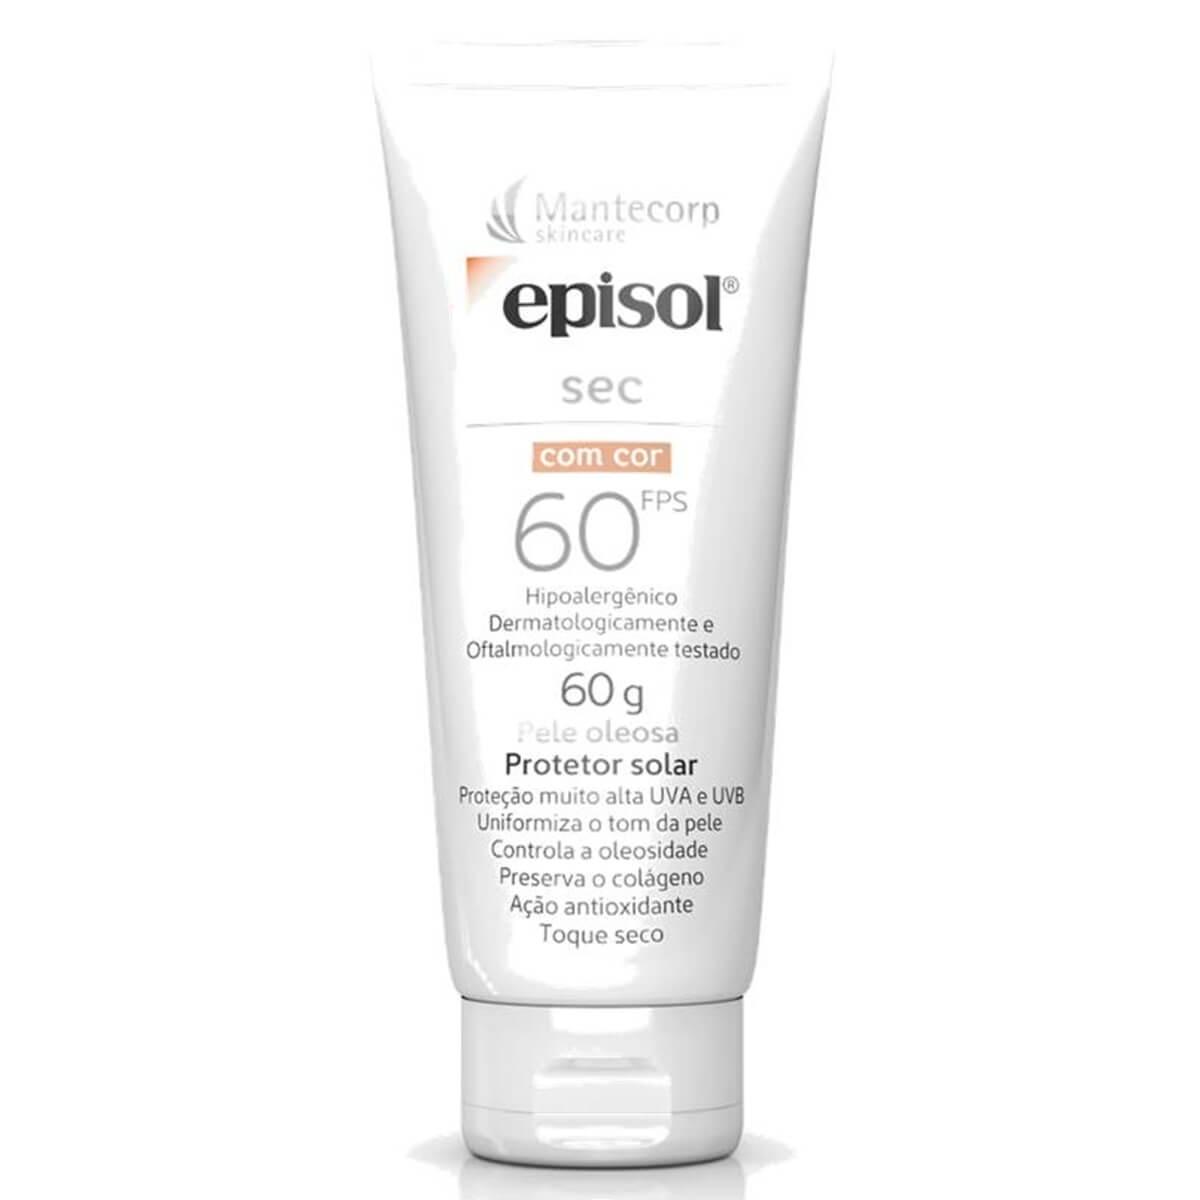 Protetor Solar Facial Episol Sec com Cor Pele Oleosa FPS 60 com 60g 60g